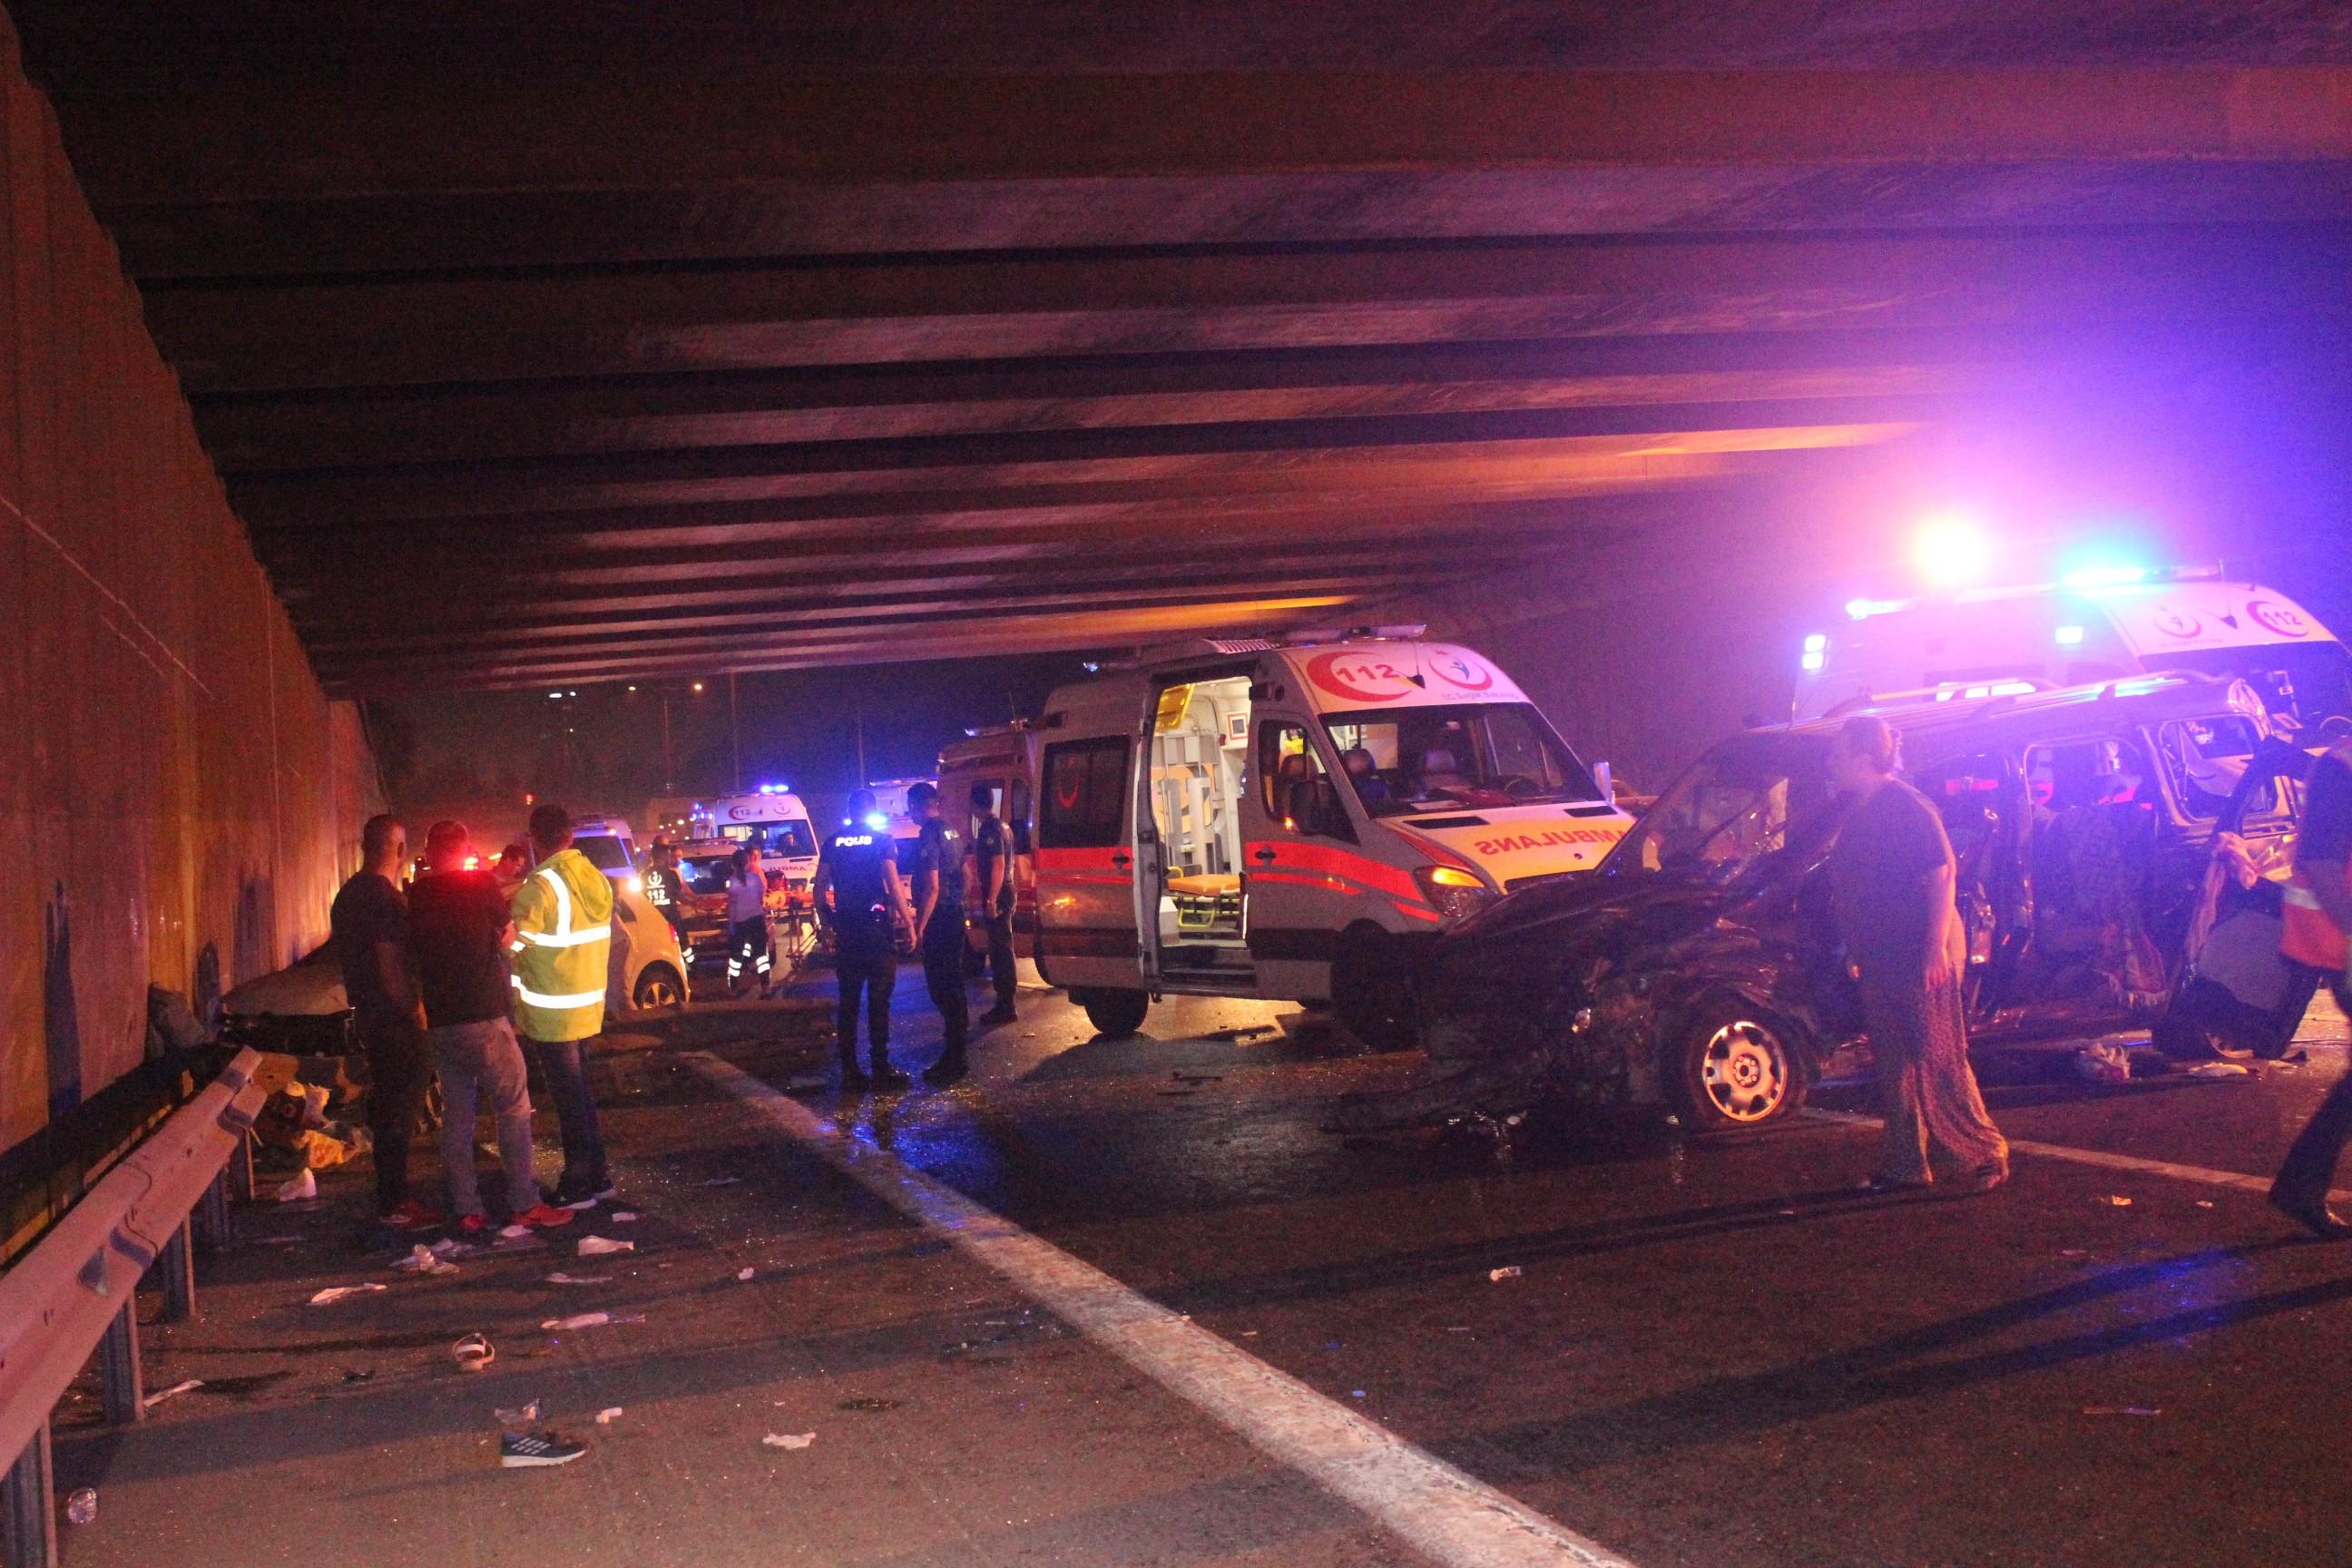 Makas atmaya çalışırken kaza yaptı: 2 ölü 8 yaralı!